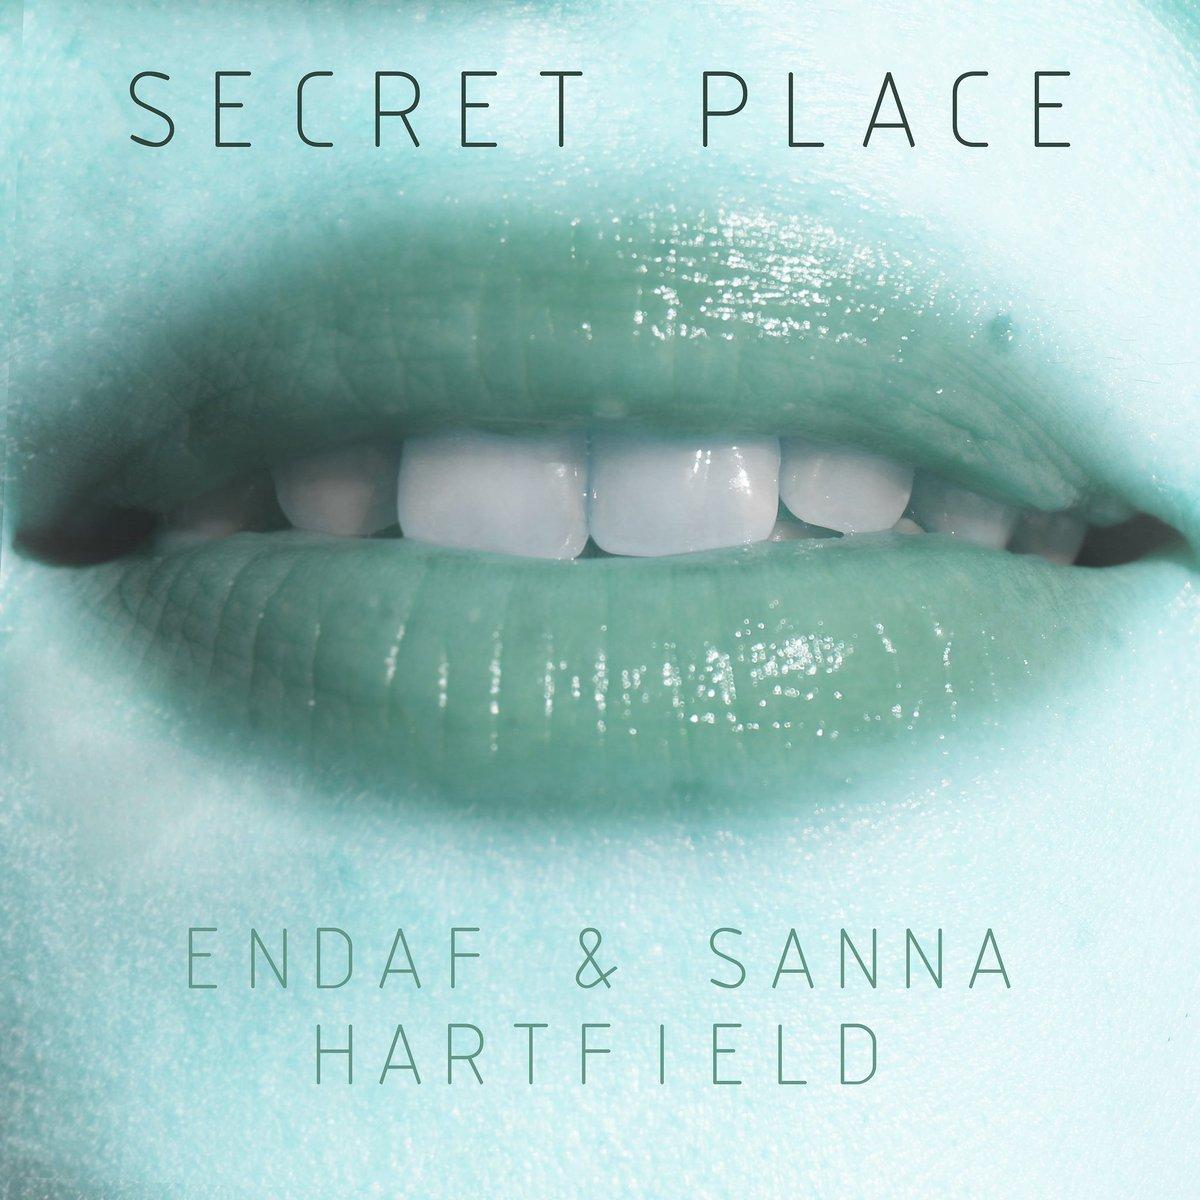 #secret #place #release #chillout #melancholy @EndafMusic @sannahartfield